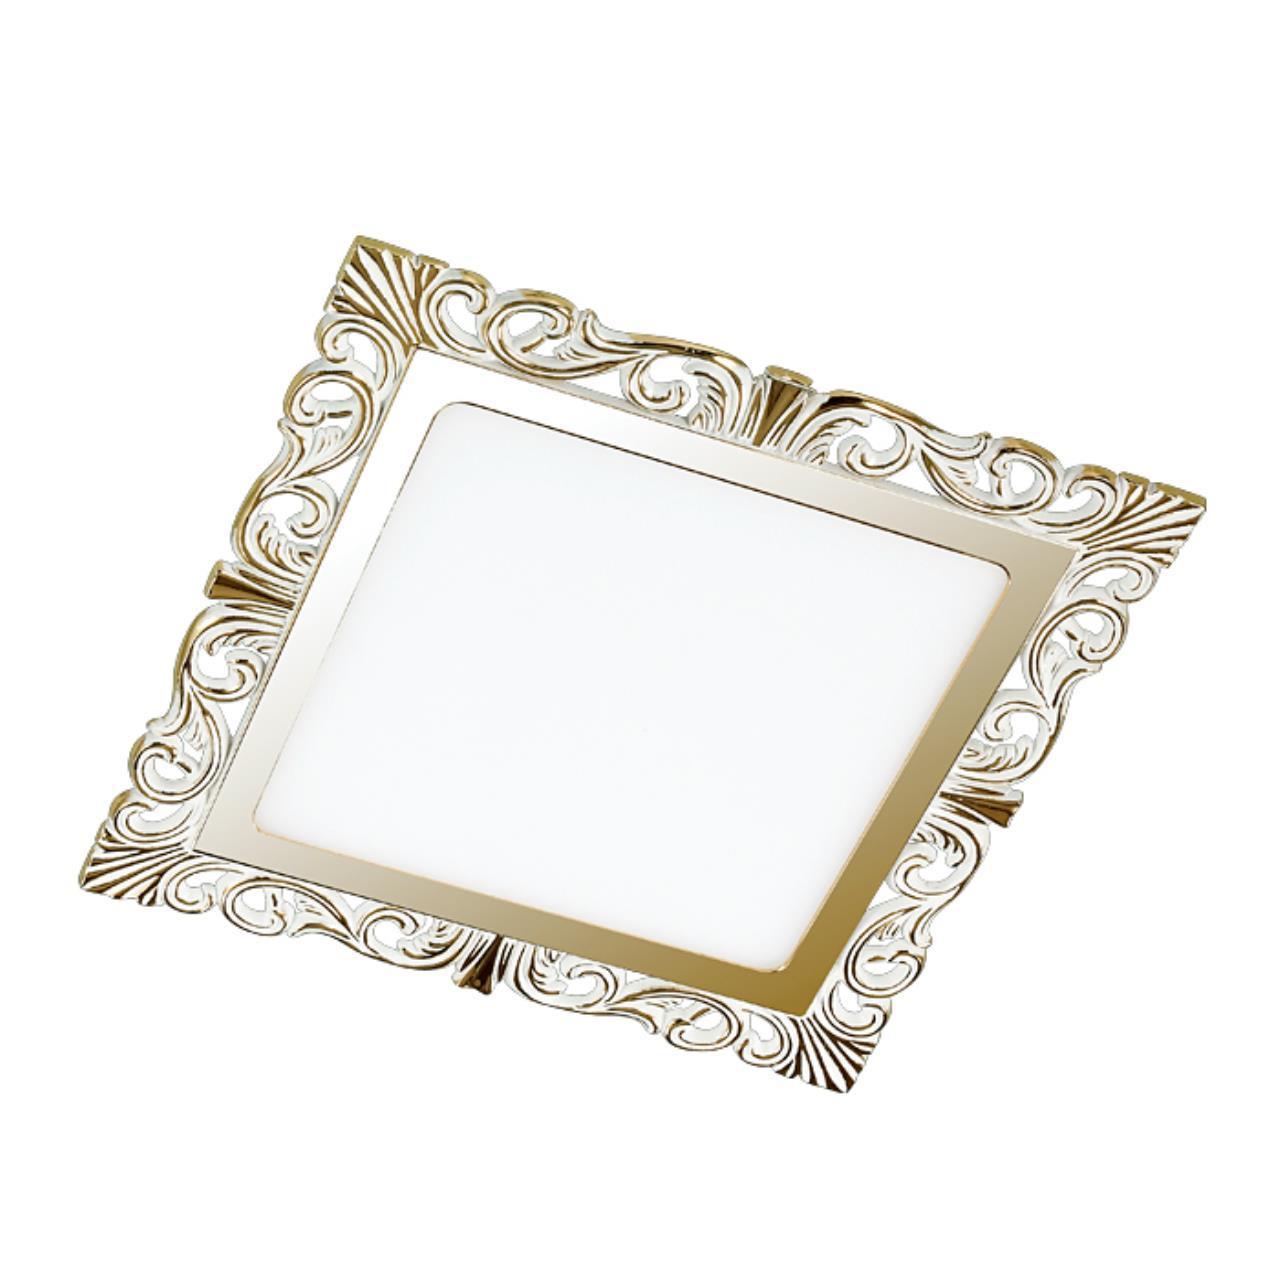 357280 SPOT NT16 141 белый/золото Встраиваемый светильник IP20 LED 3000K 15W 220-240V PEILI